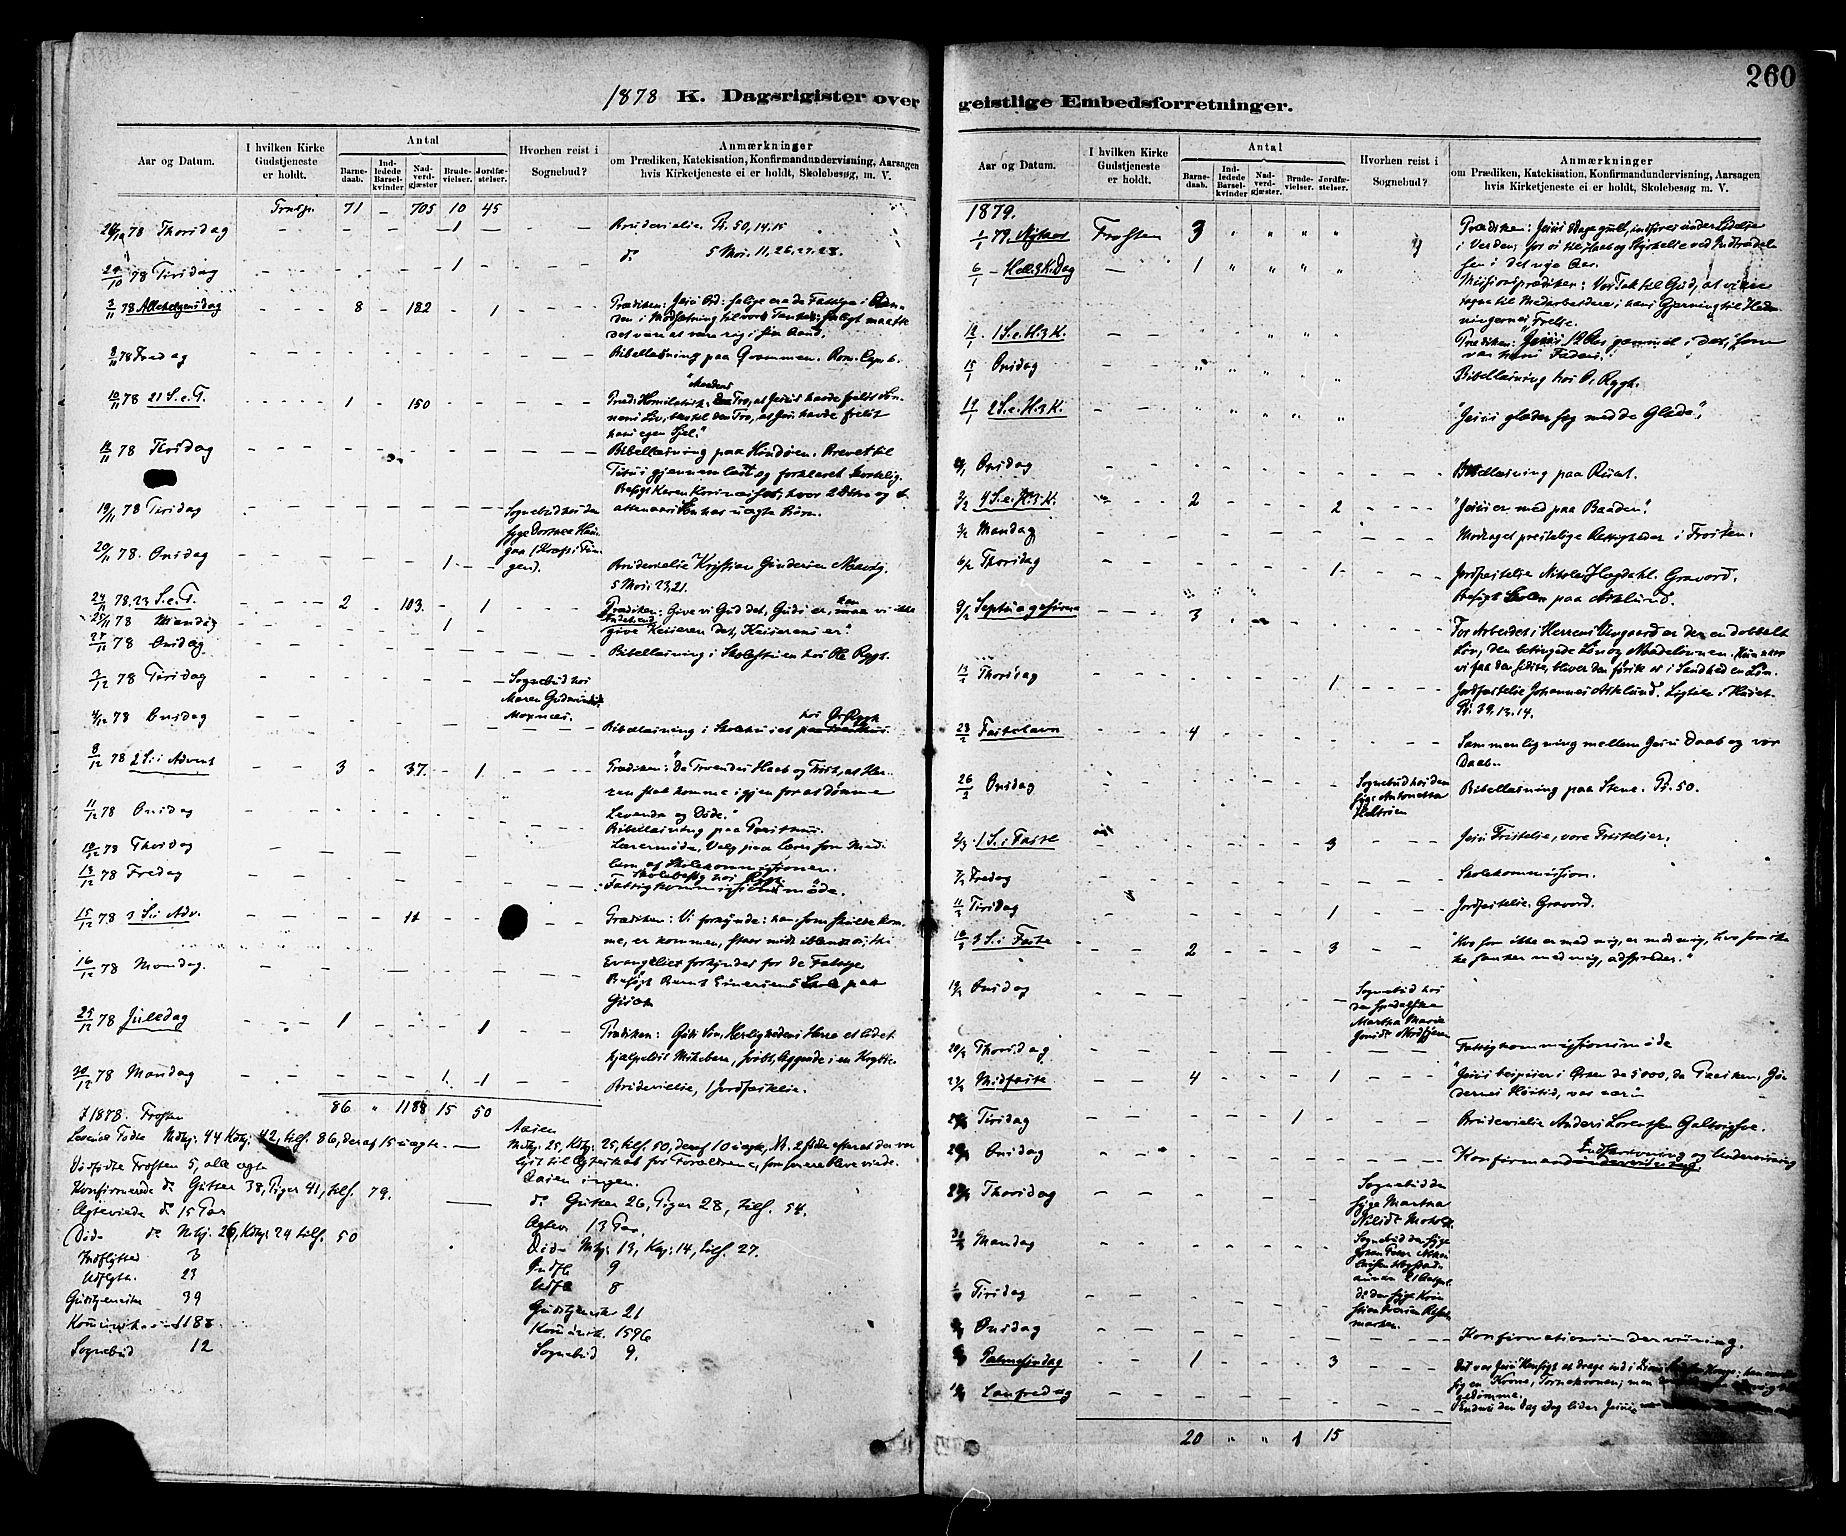 SAT, Ministerialprotokoller, klokkerbøker og fødselsregistre - Nord-Trøndelag, 713/L0120: Ministerialbok nr. 713A09, 1878-1887, s. 260